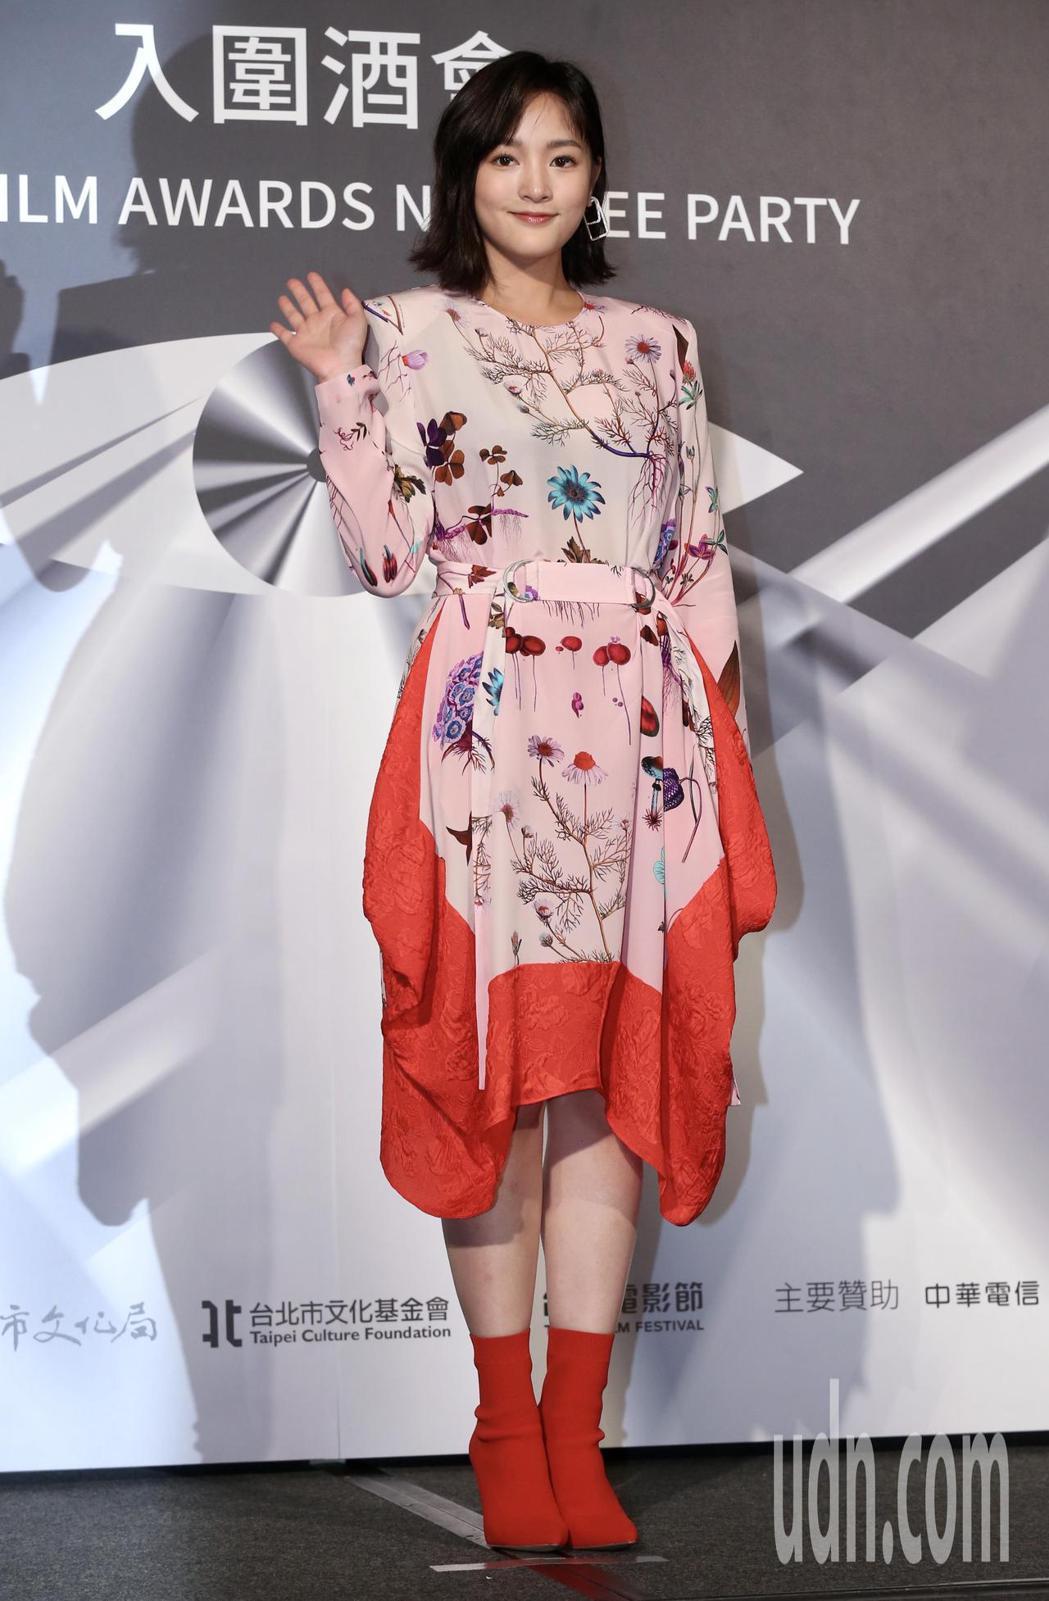 台北電影獎入圍最佳女主角:王淨。記者林俊良/攝影